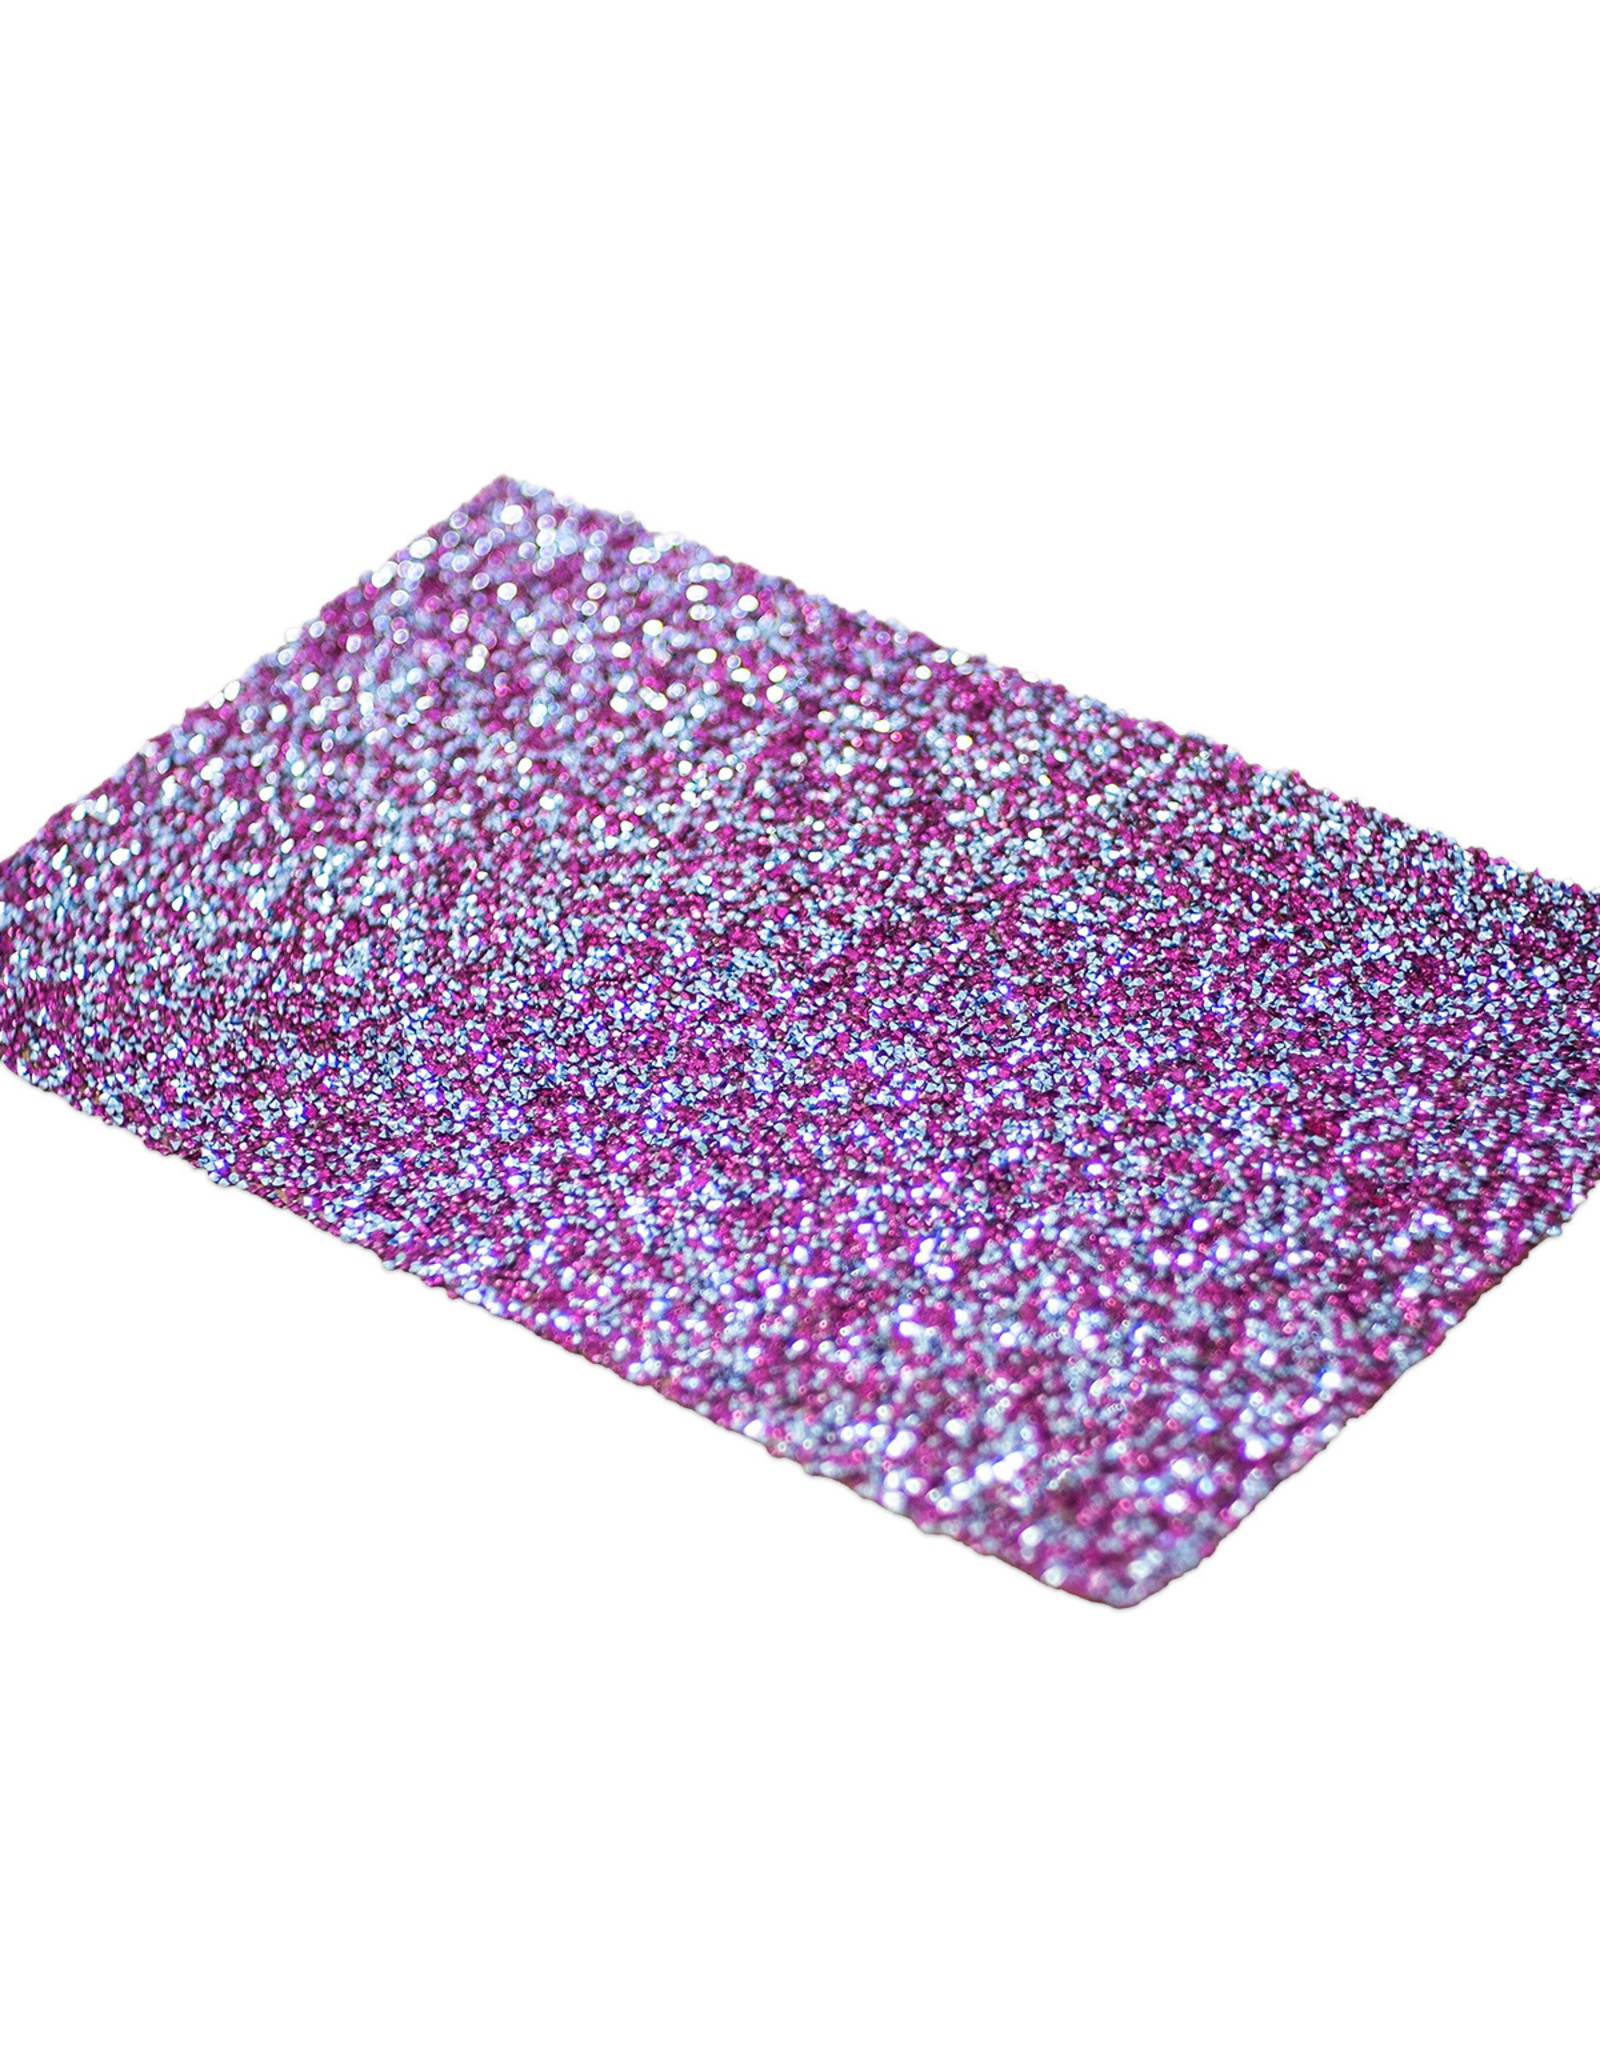 Mega Beauty Shop® Glittermat Roze-Zilver